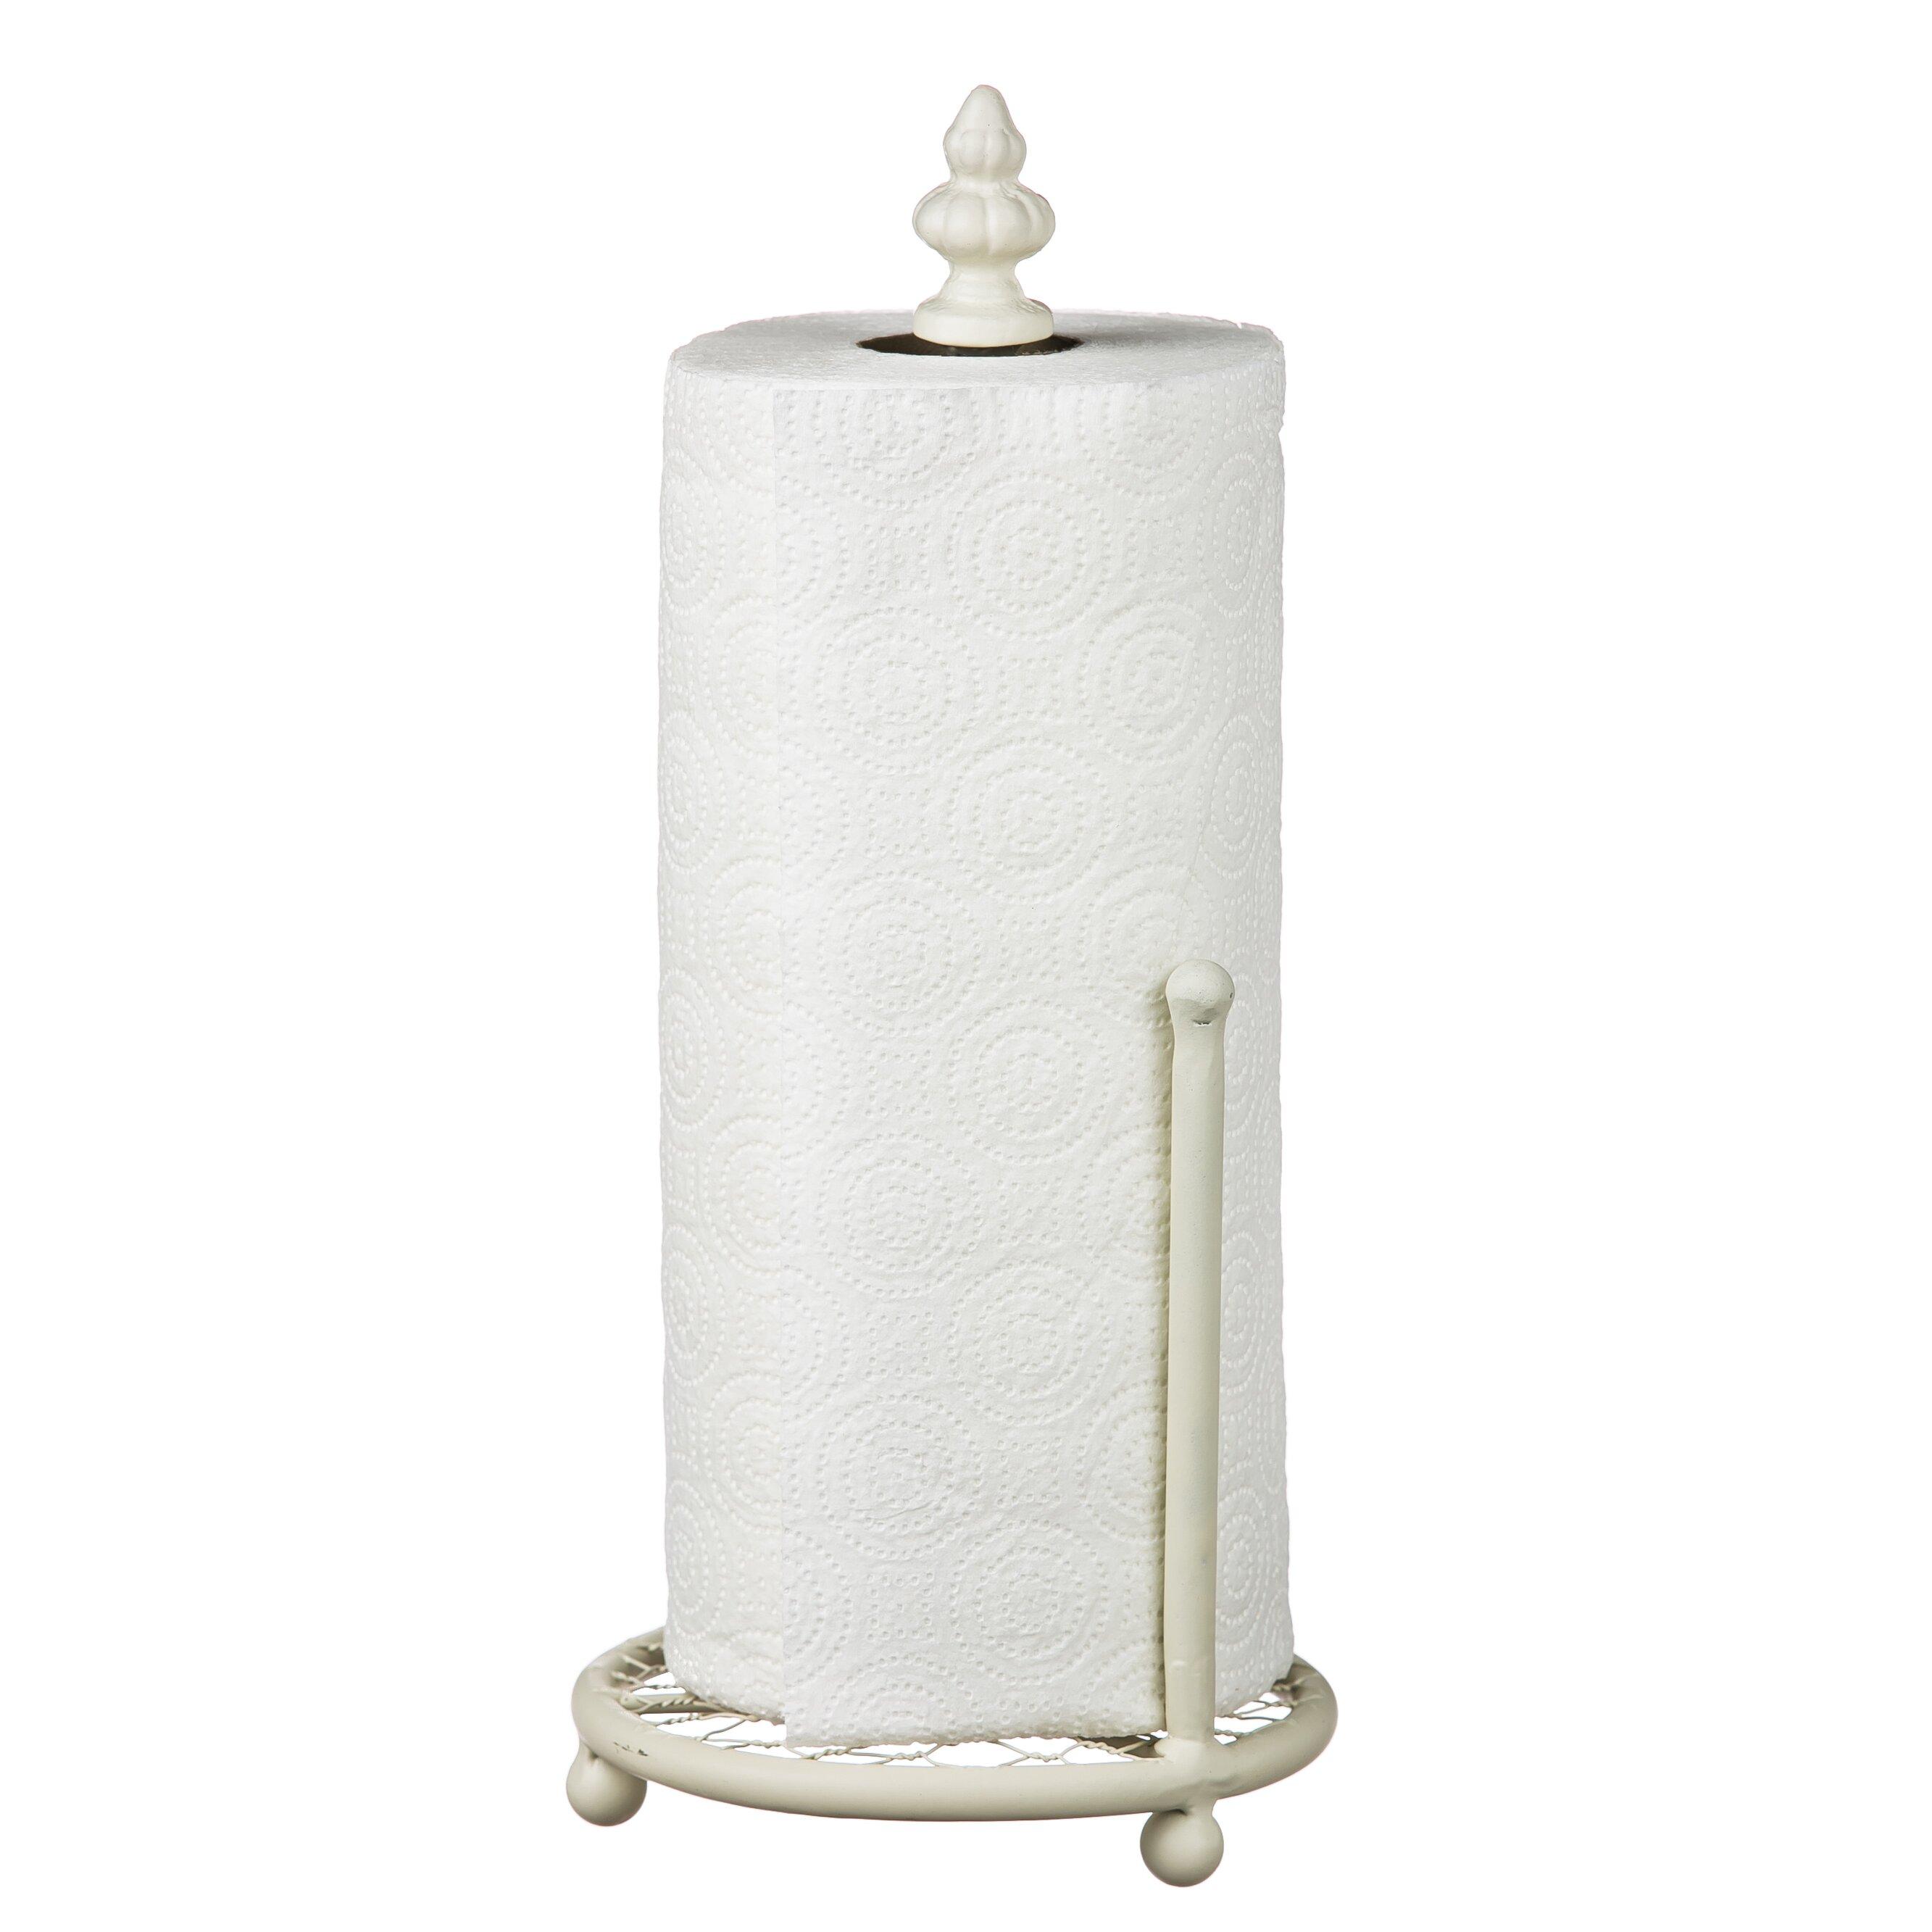 August Grove Metal Paper Towel Holder Reviews Wayfair